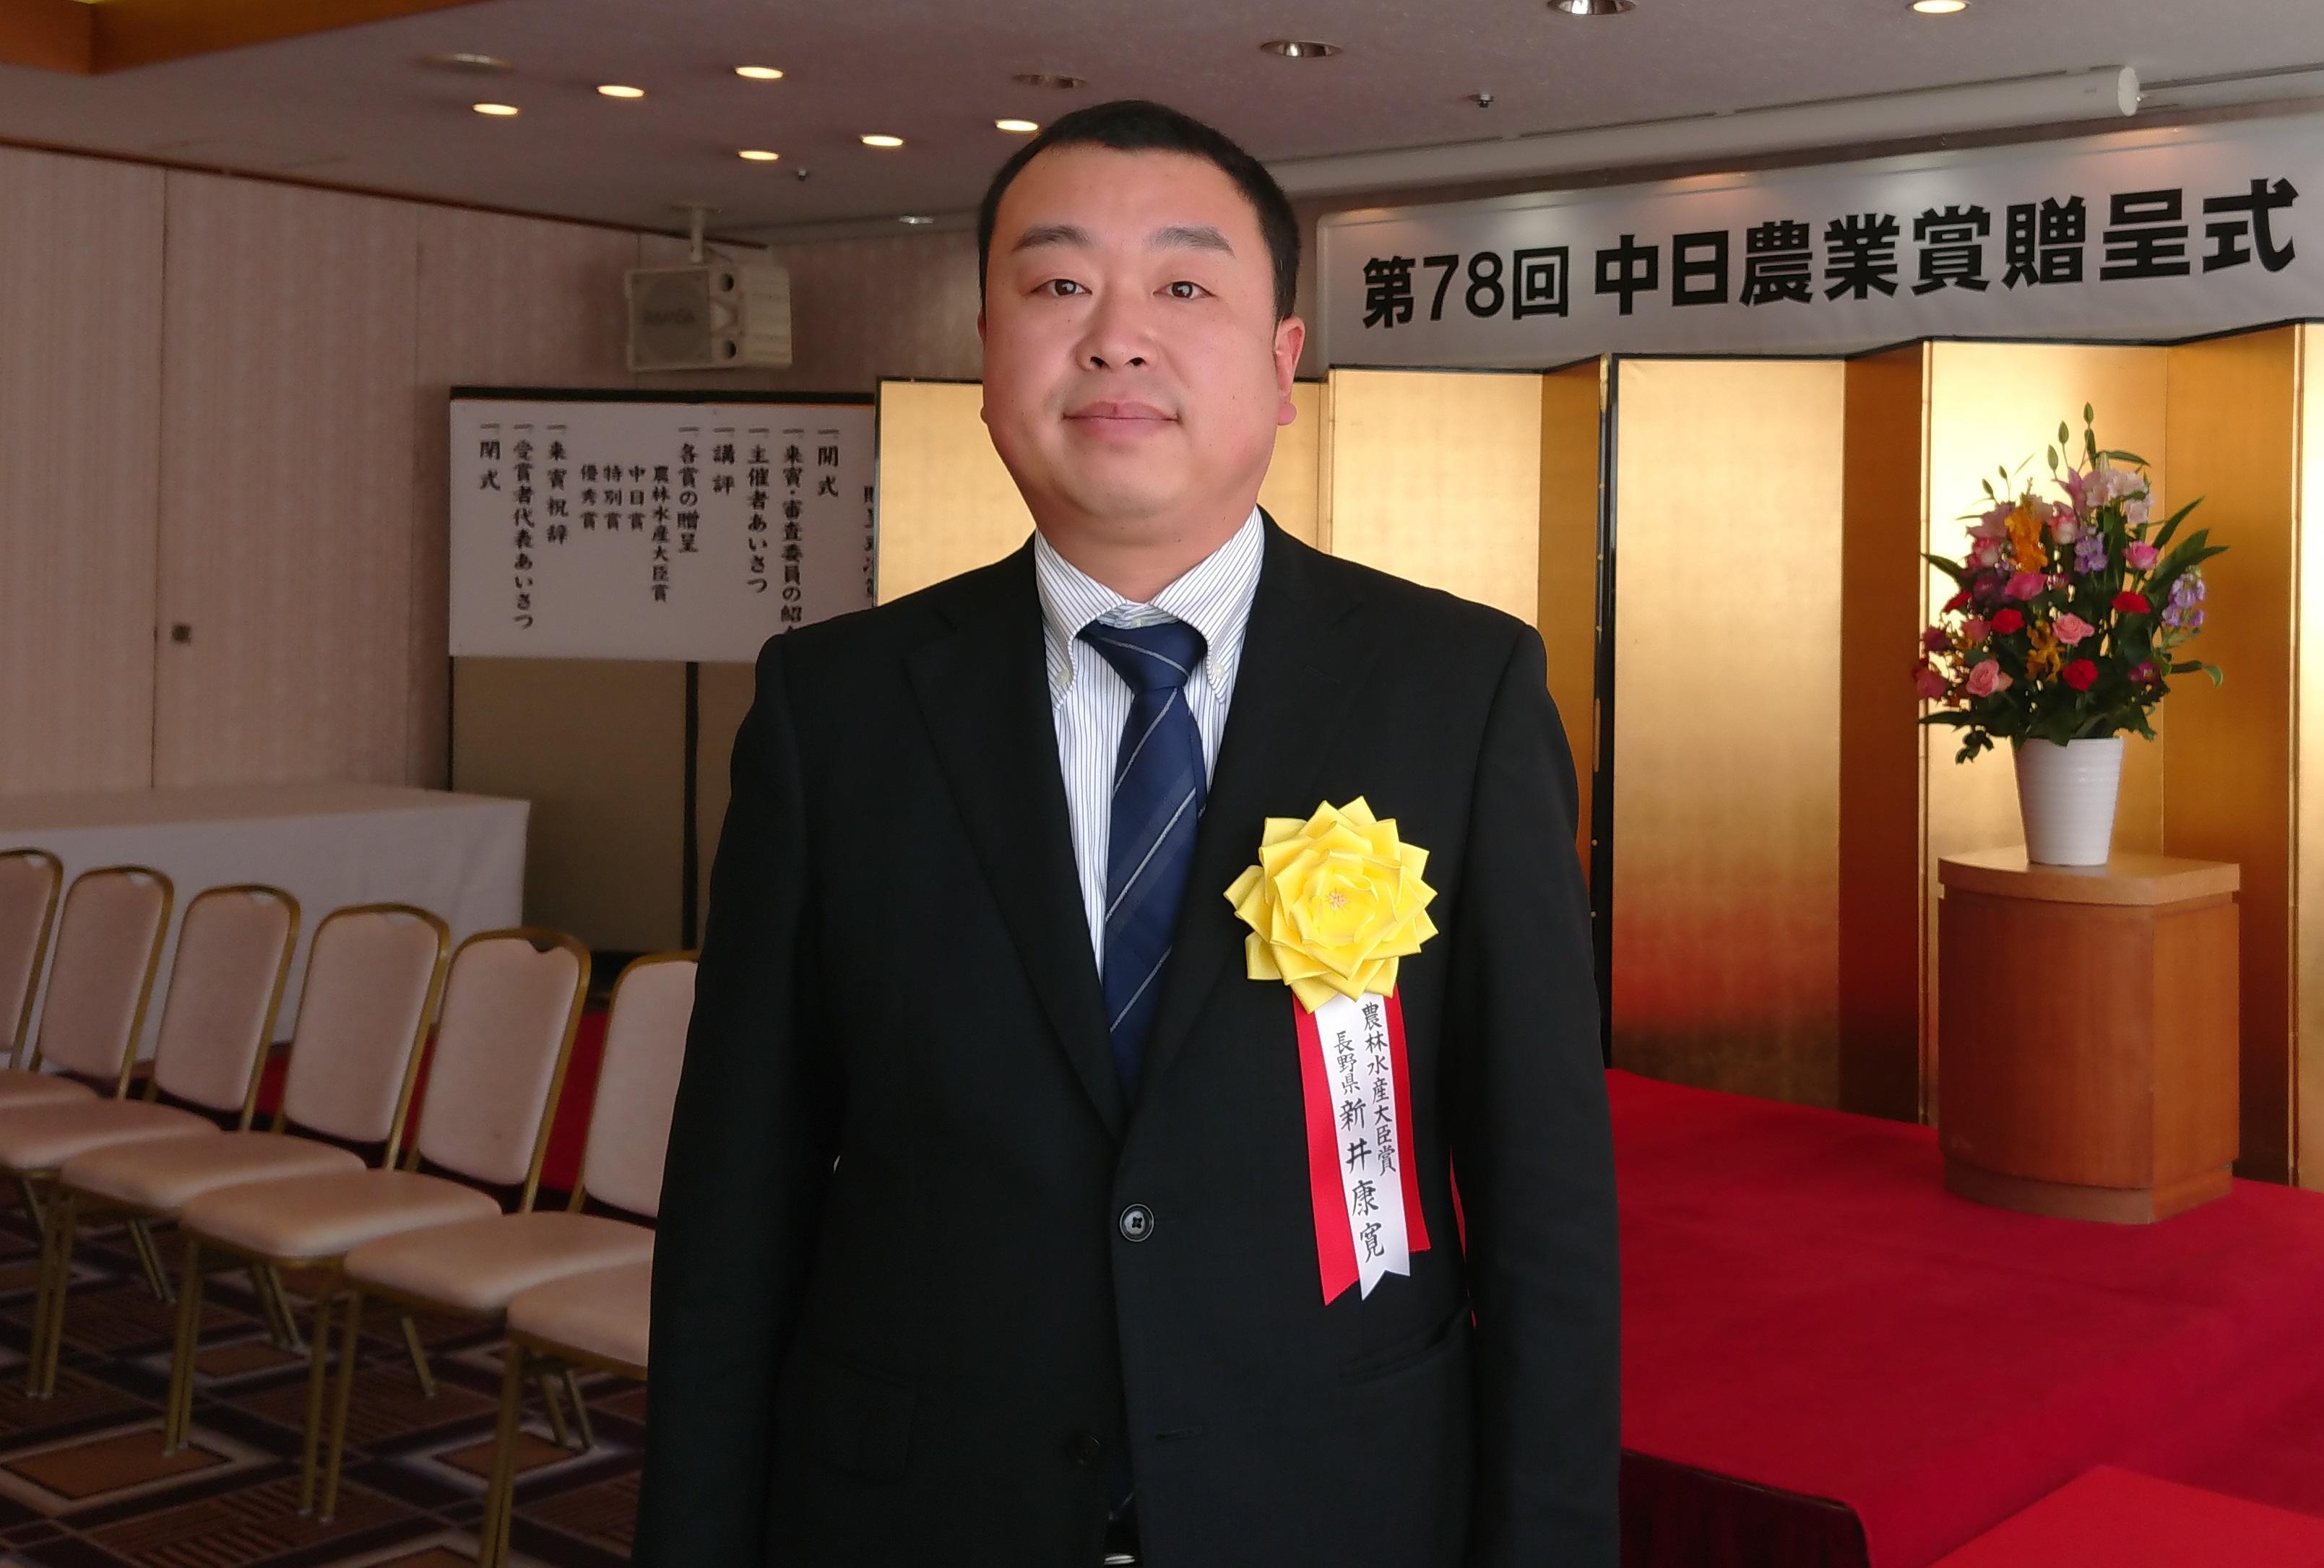 中日農業賞の農林水産大臣賞を受けた新井康寛さん